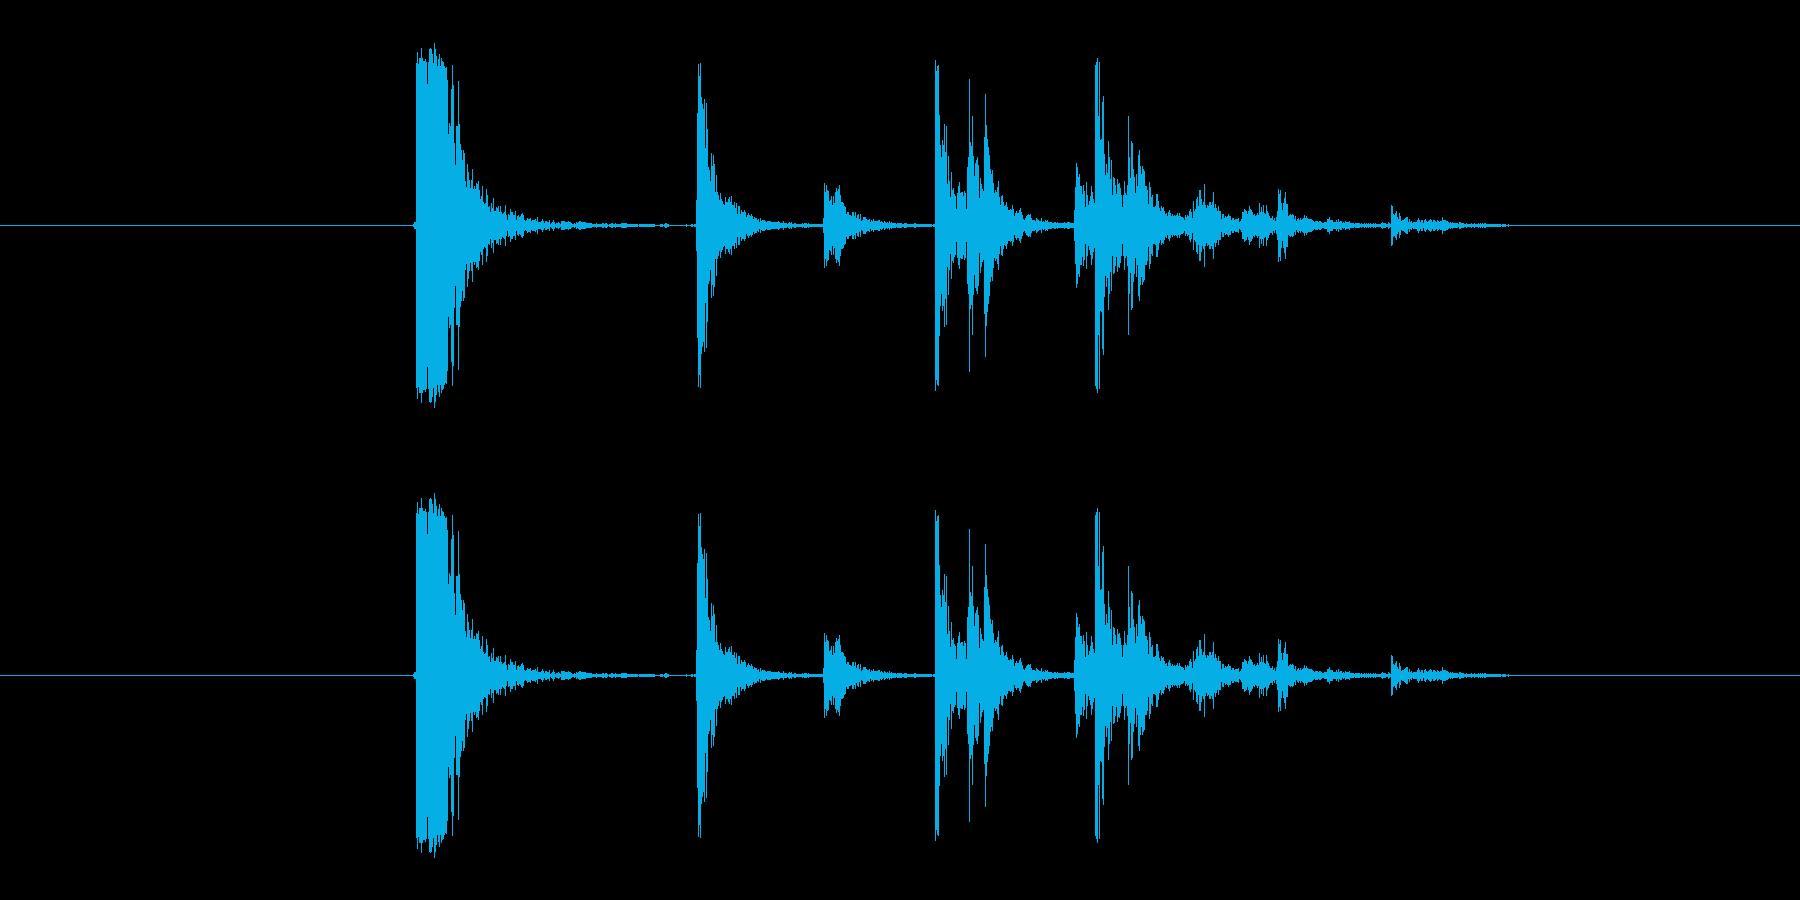 ガンッカタカタ(プラスチックを落とす音)の再生済みの波形